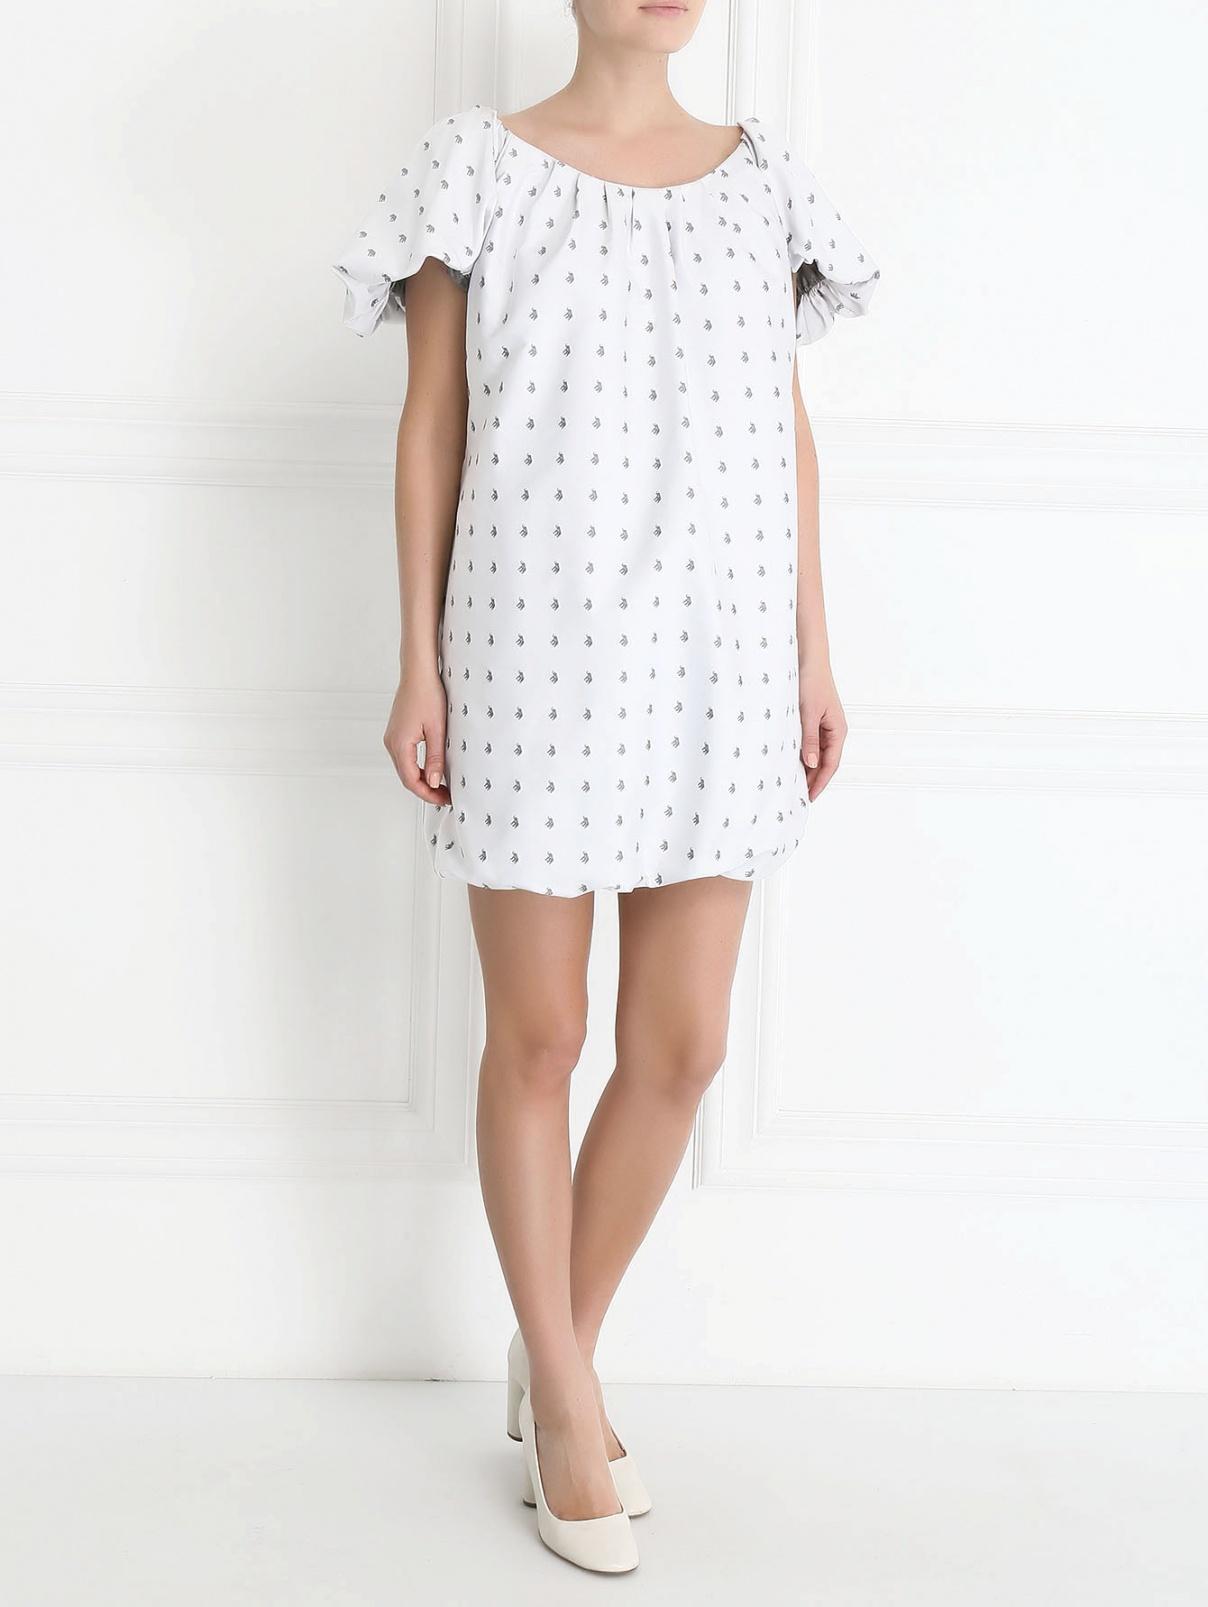 Платье-мини с узором Au Jour Le Jour  –  Модель Общий вид  – Цвет:  Серый